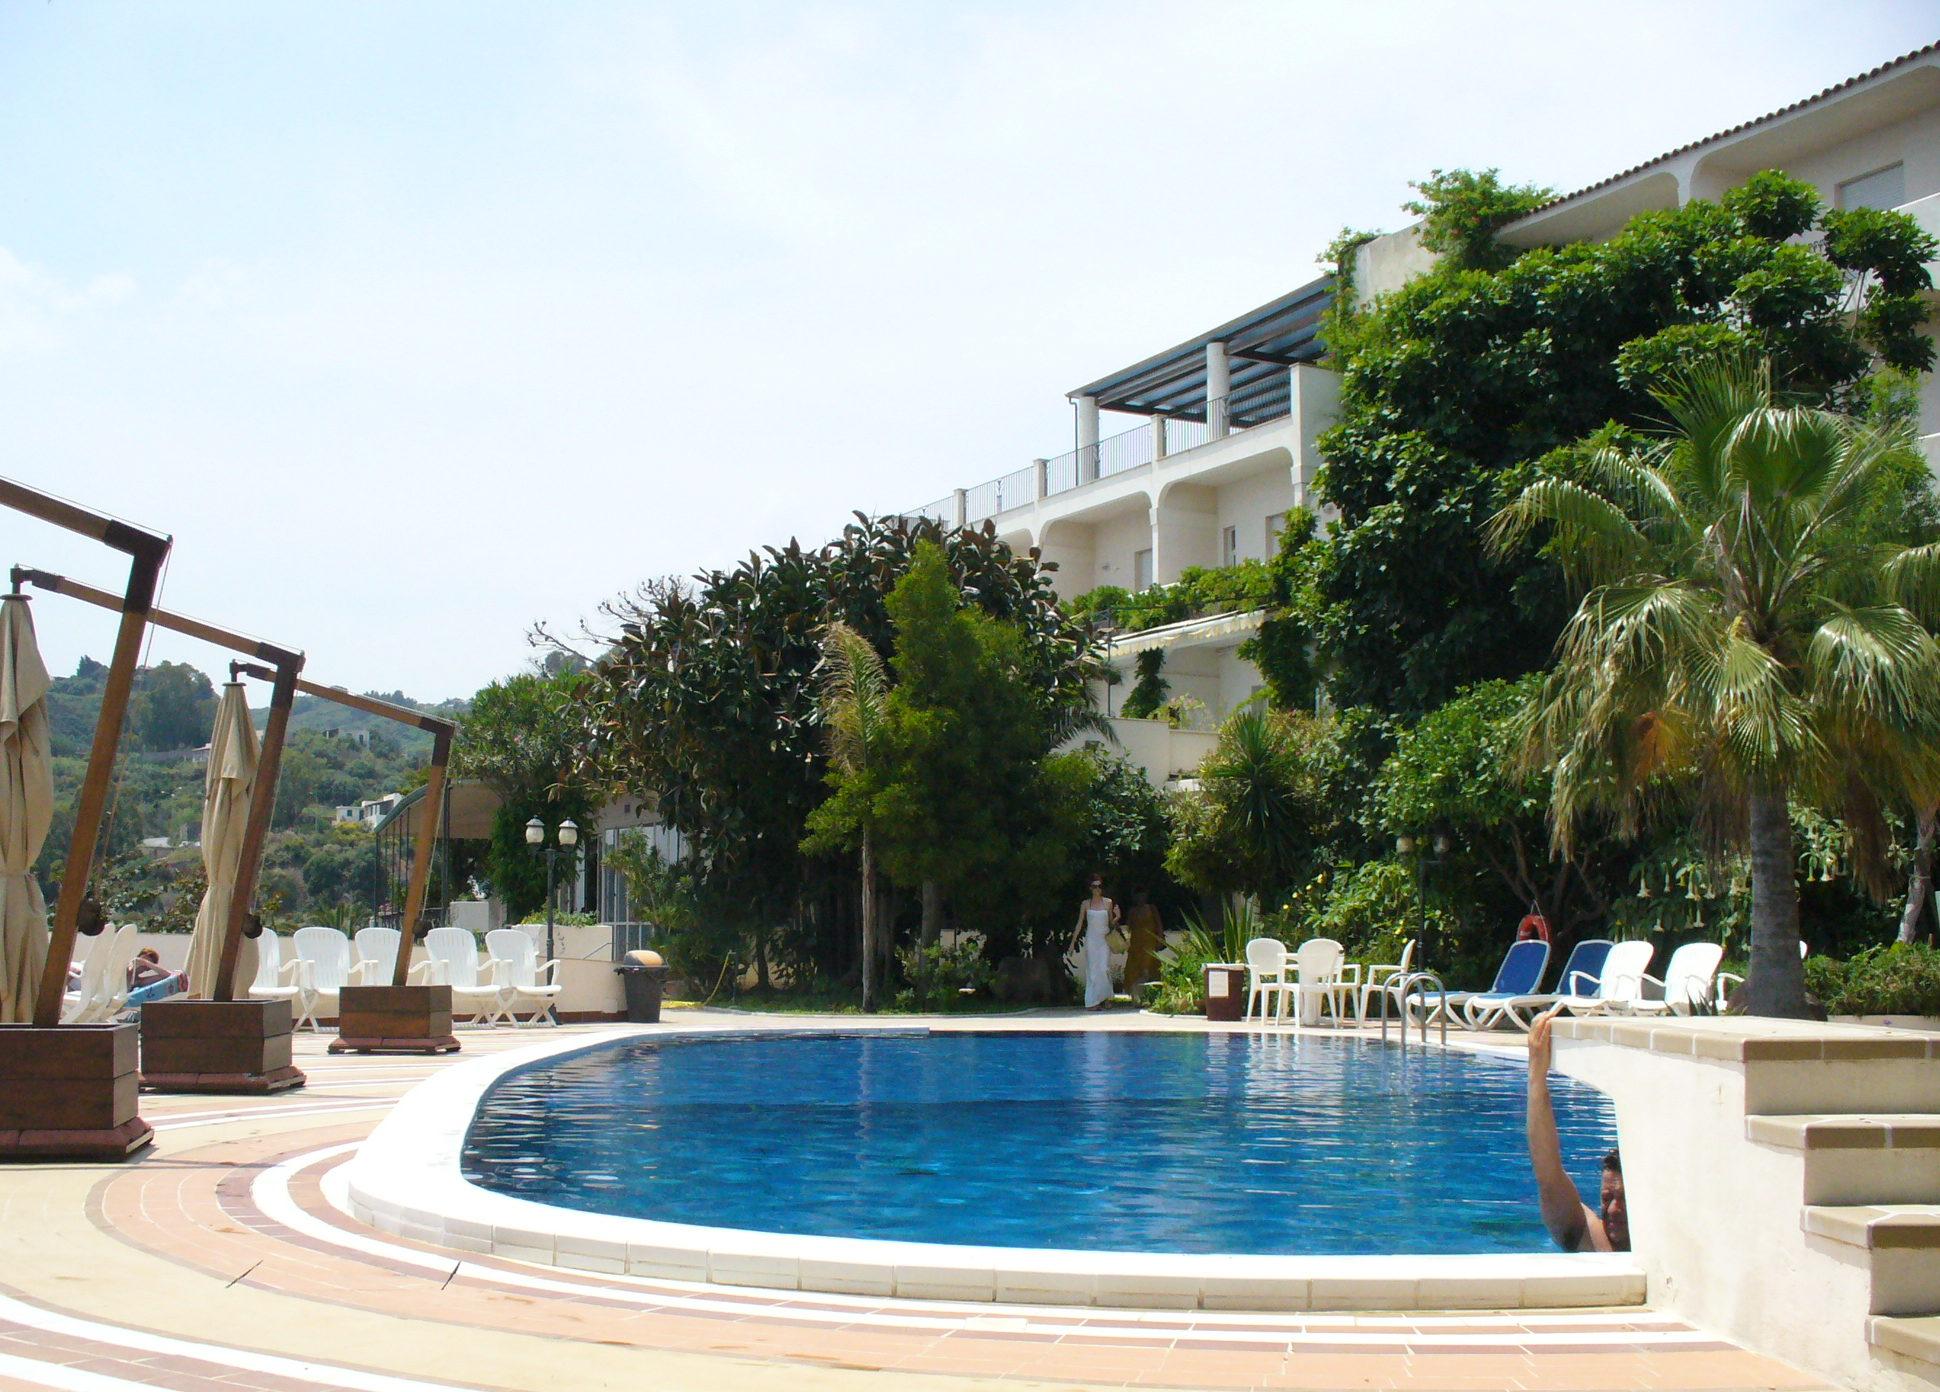 Hotel giardino sul mare lipari isole eolie assdi for Hotel barcellona sul mare